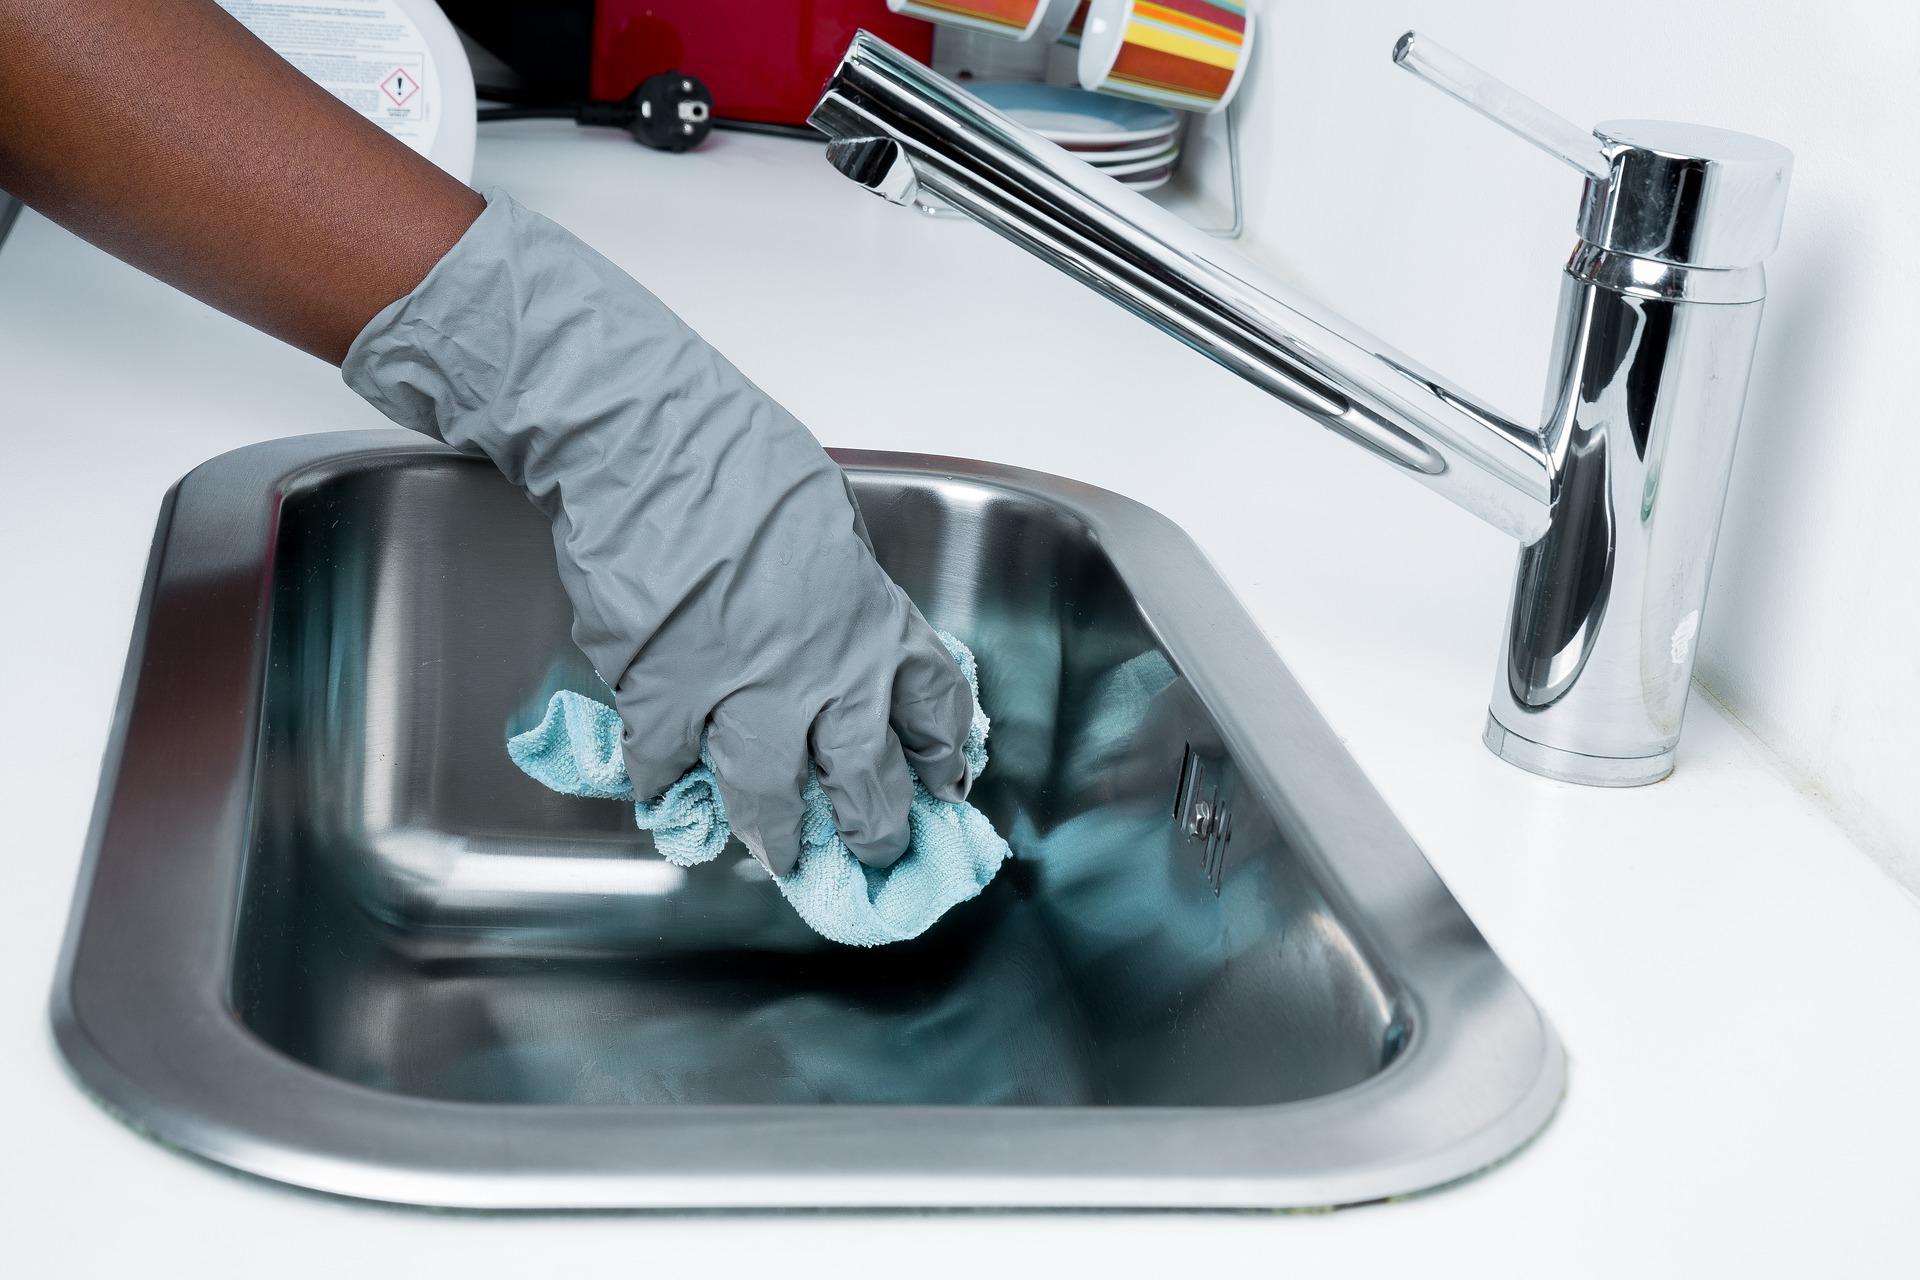 aceto disinfettante per pulire la cucina